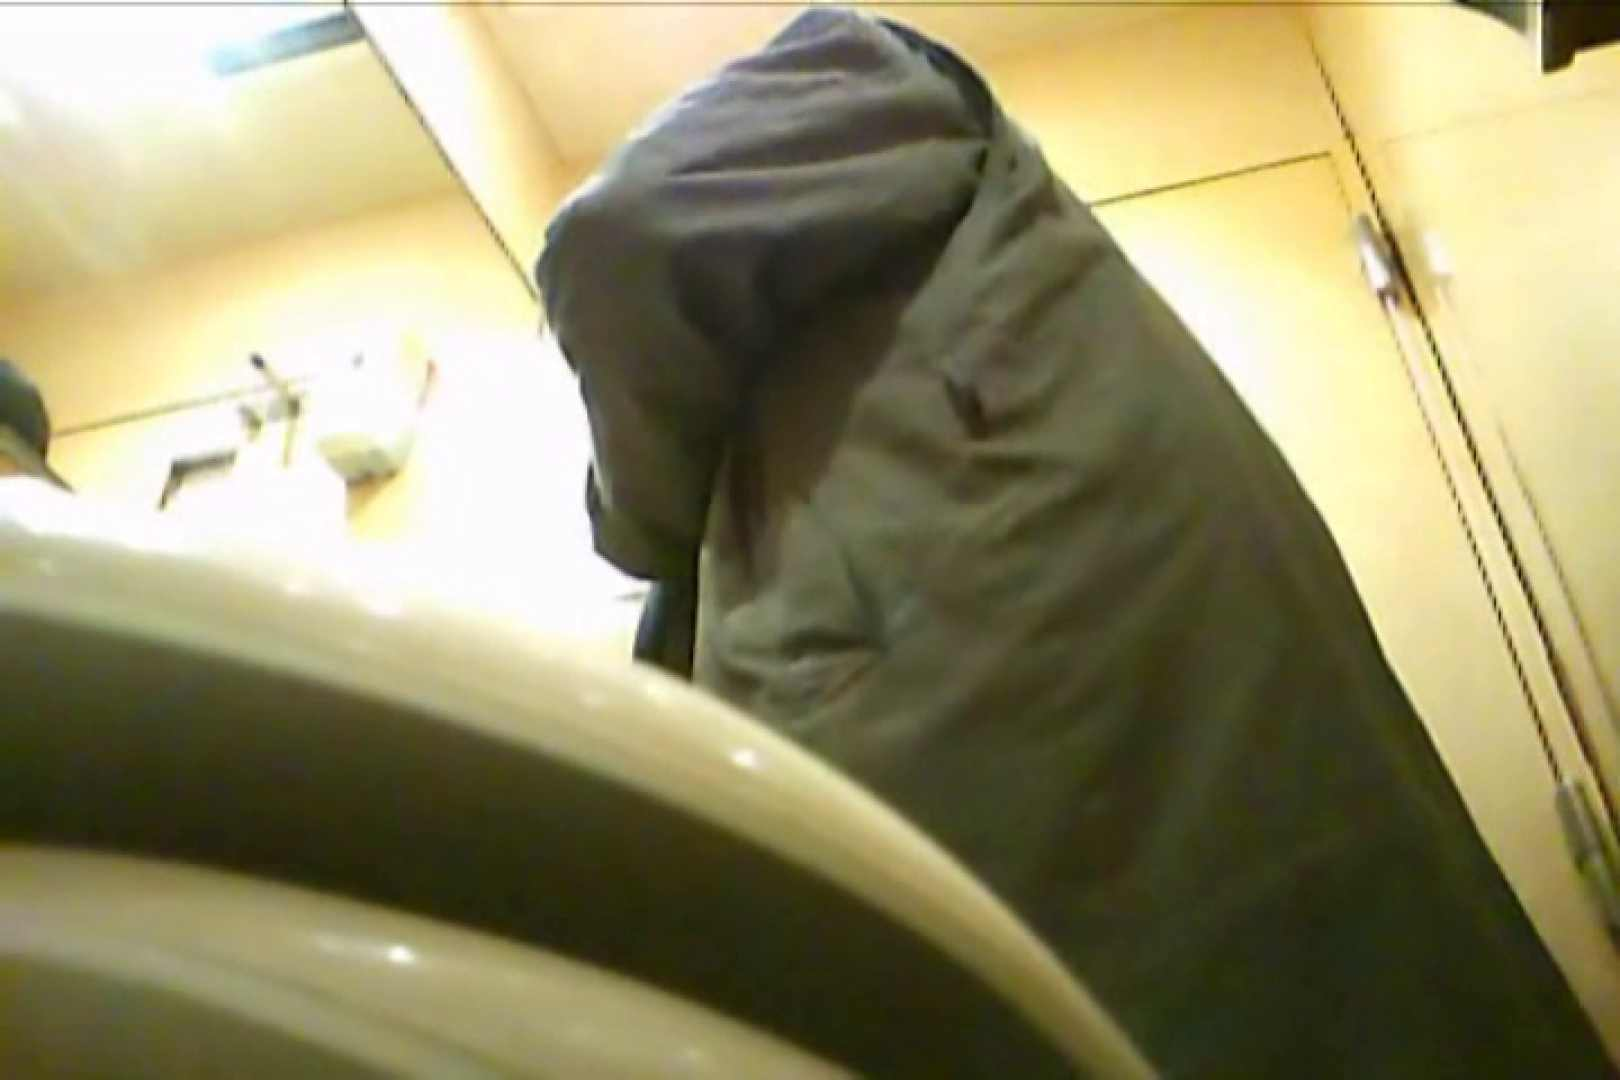 Gボーイ初投稿!掴み取りさんの洗面所覗き!in新幹線!VOL.15 投稿 | おやじ熊系ボーイズ  102pic 53